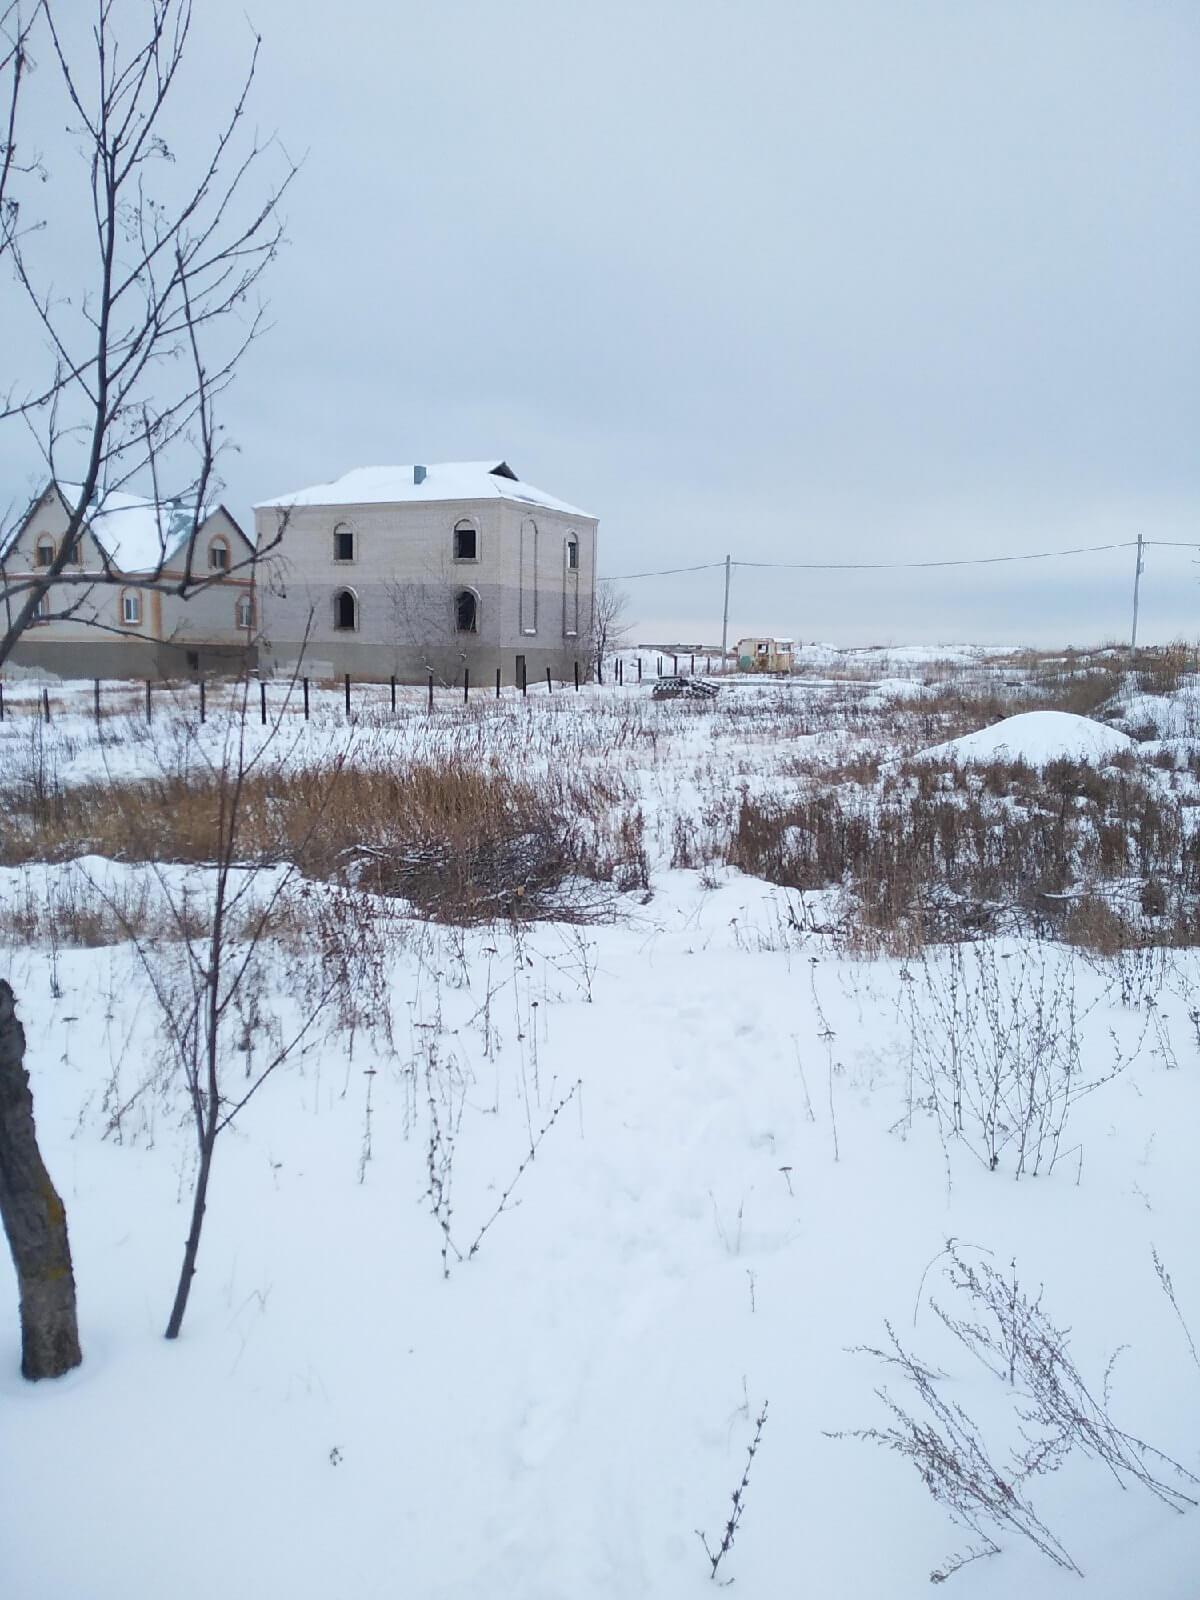 Земельный участок, пгт. Усть-Кинельский (Студенцы), агентство недвижимости Александра Замула